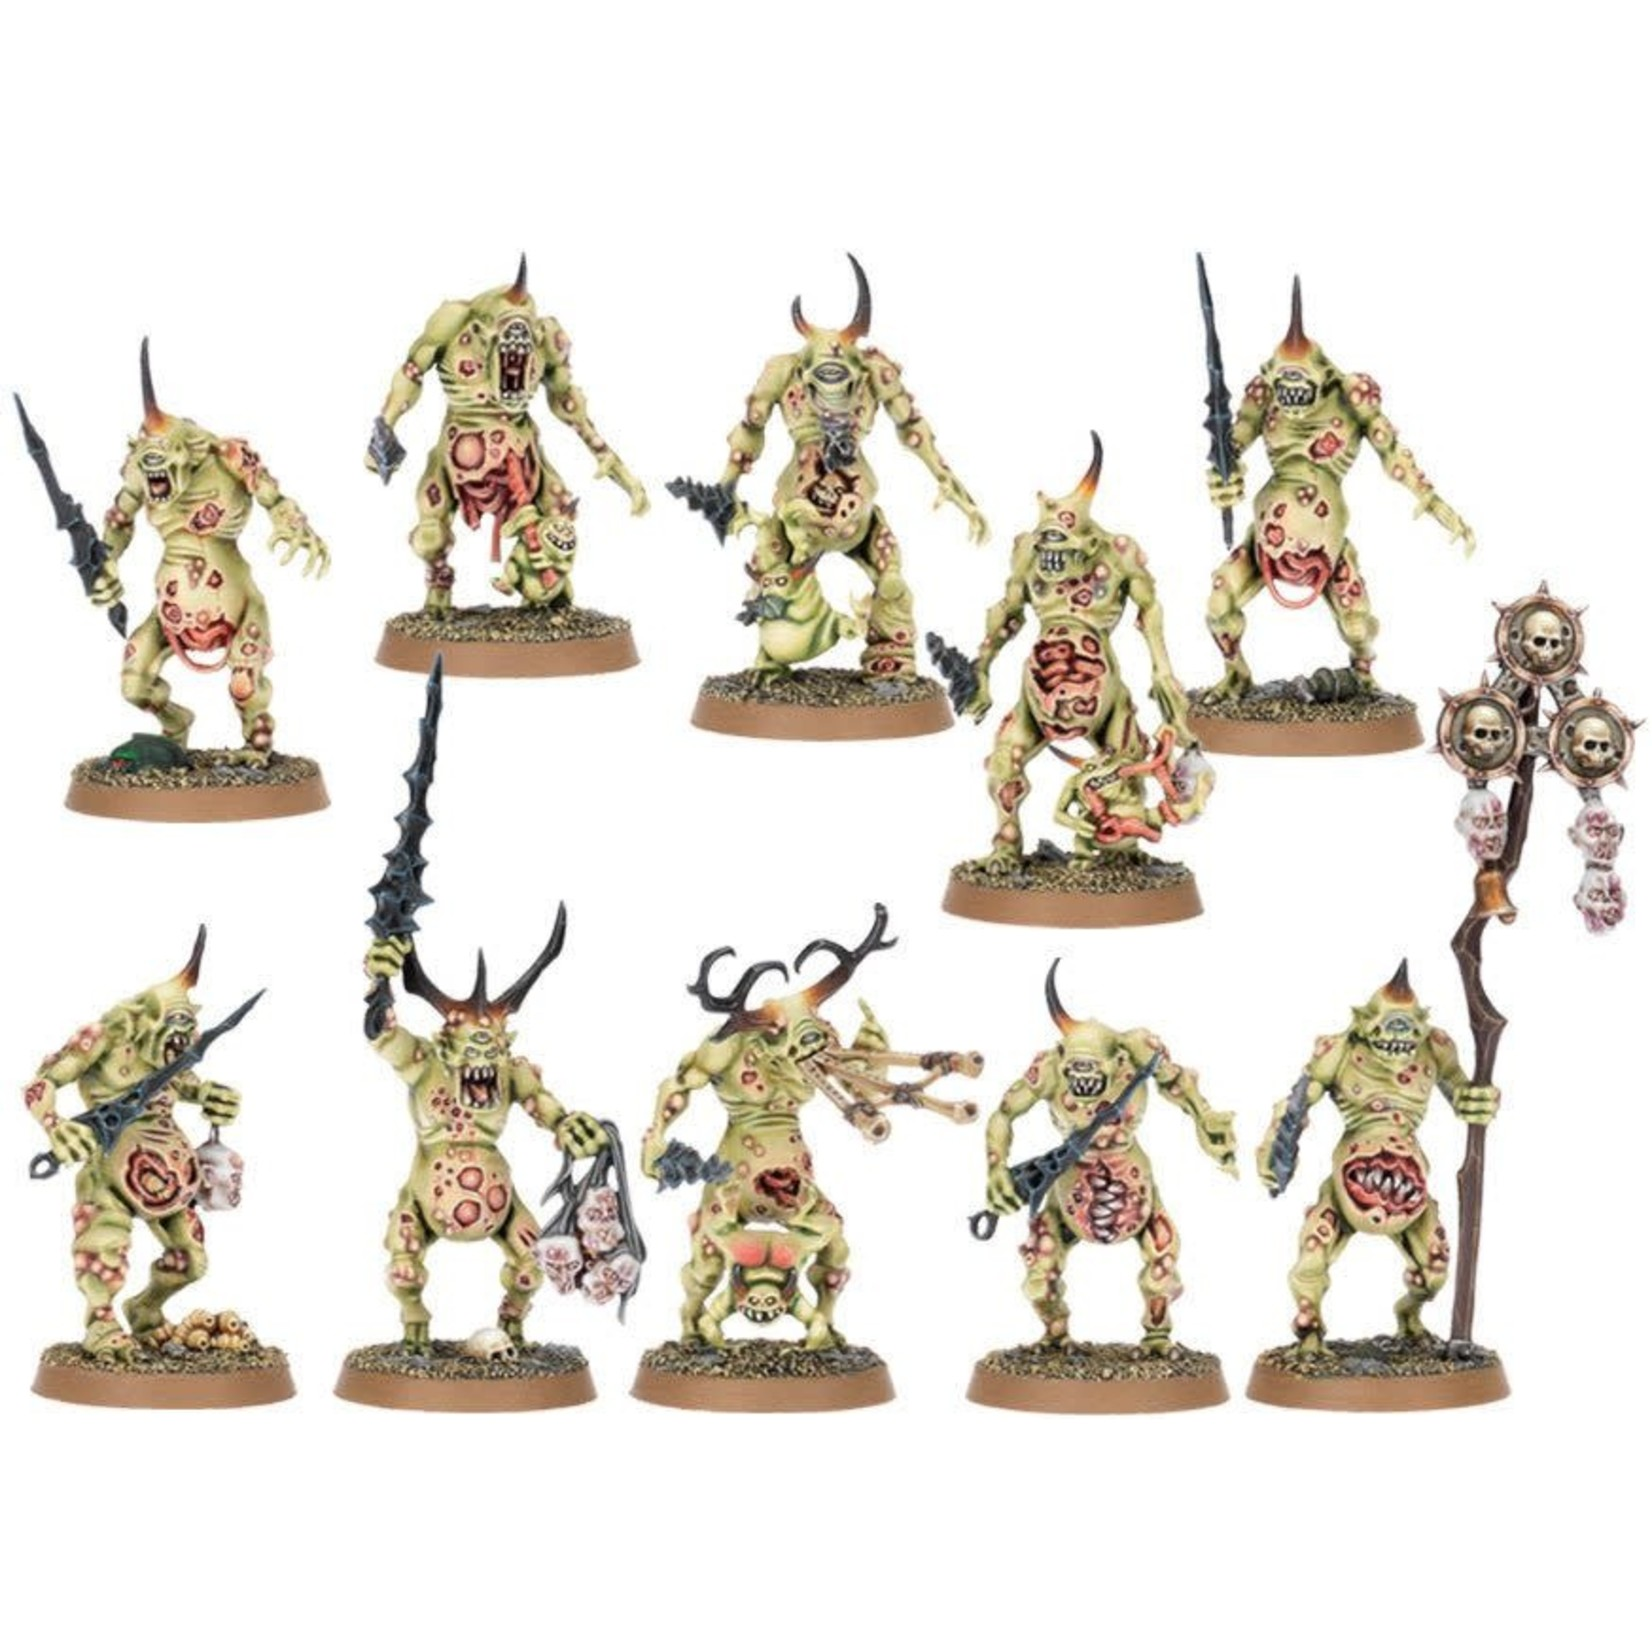 Games Workshop Daemons Of Nurgle Plaguebearers